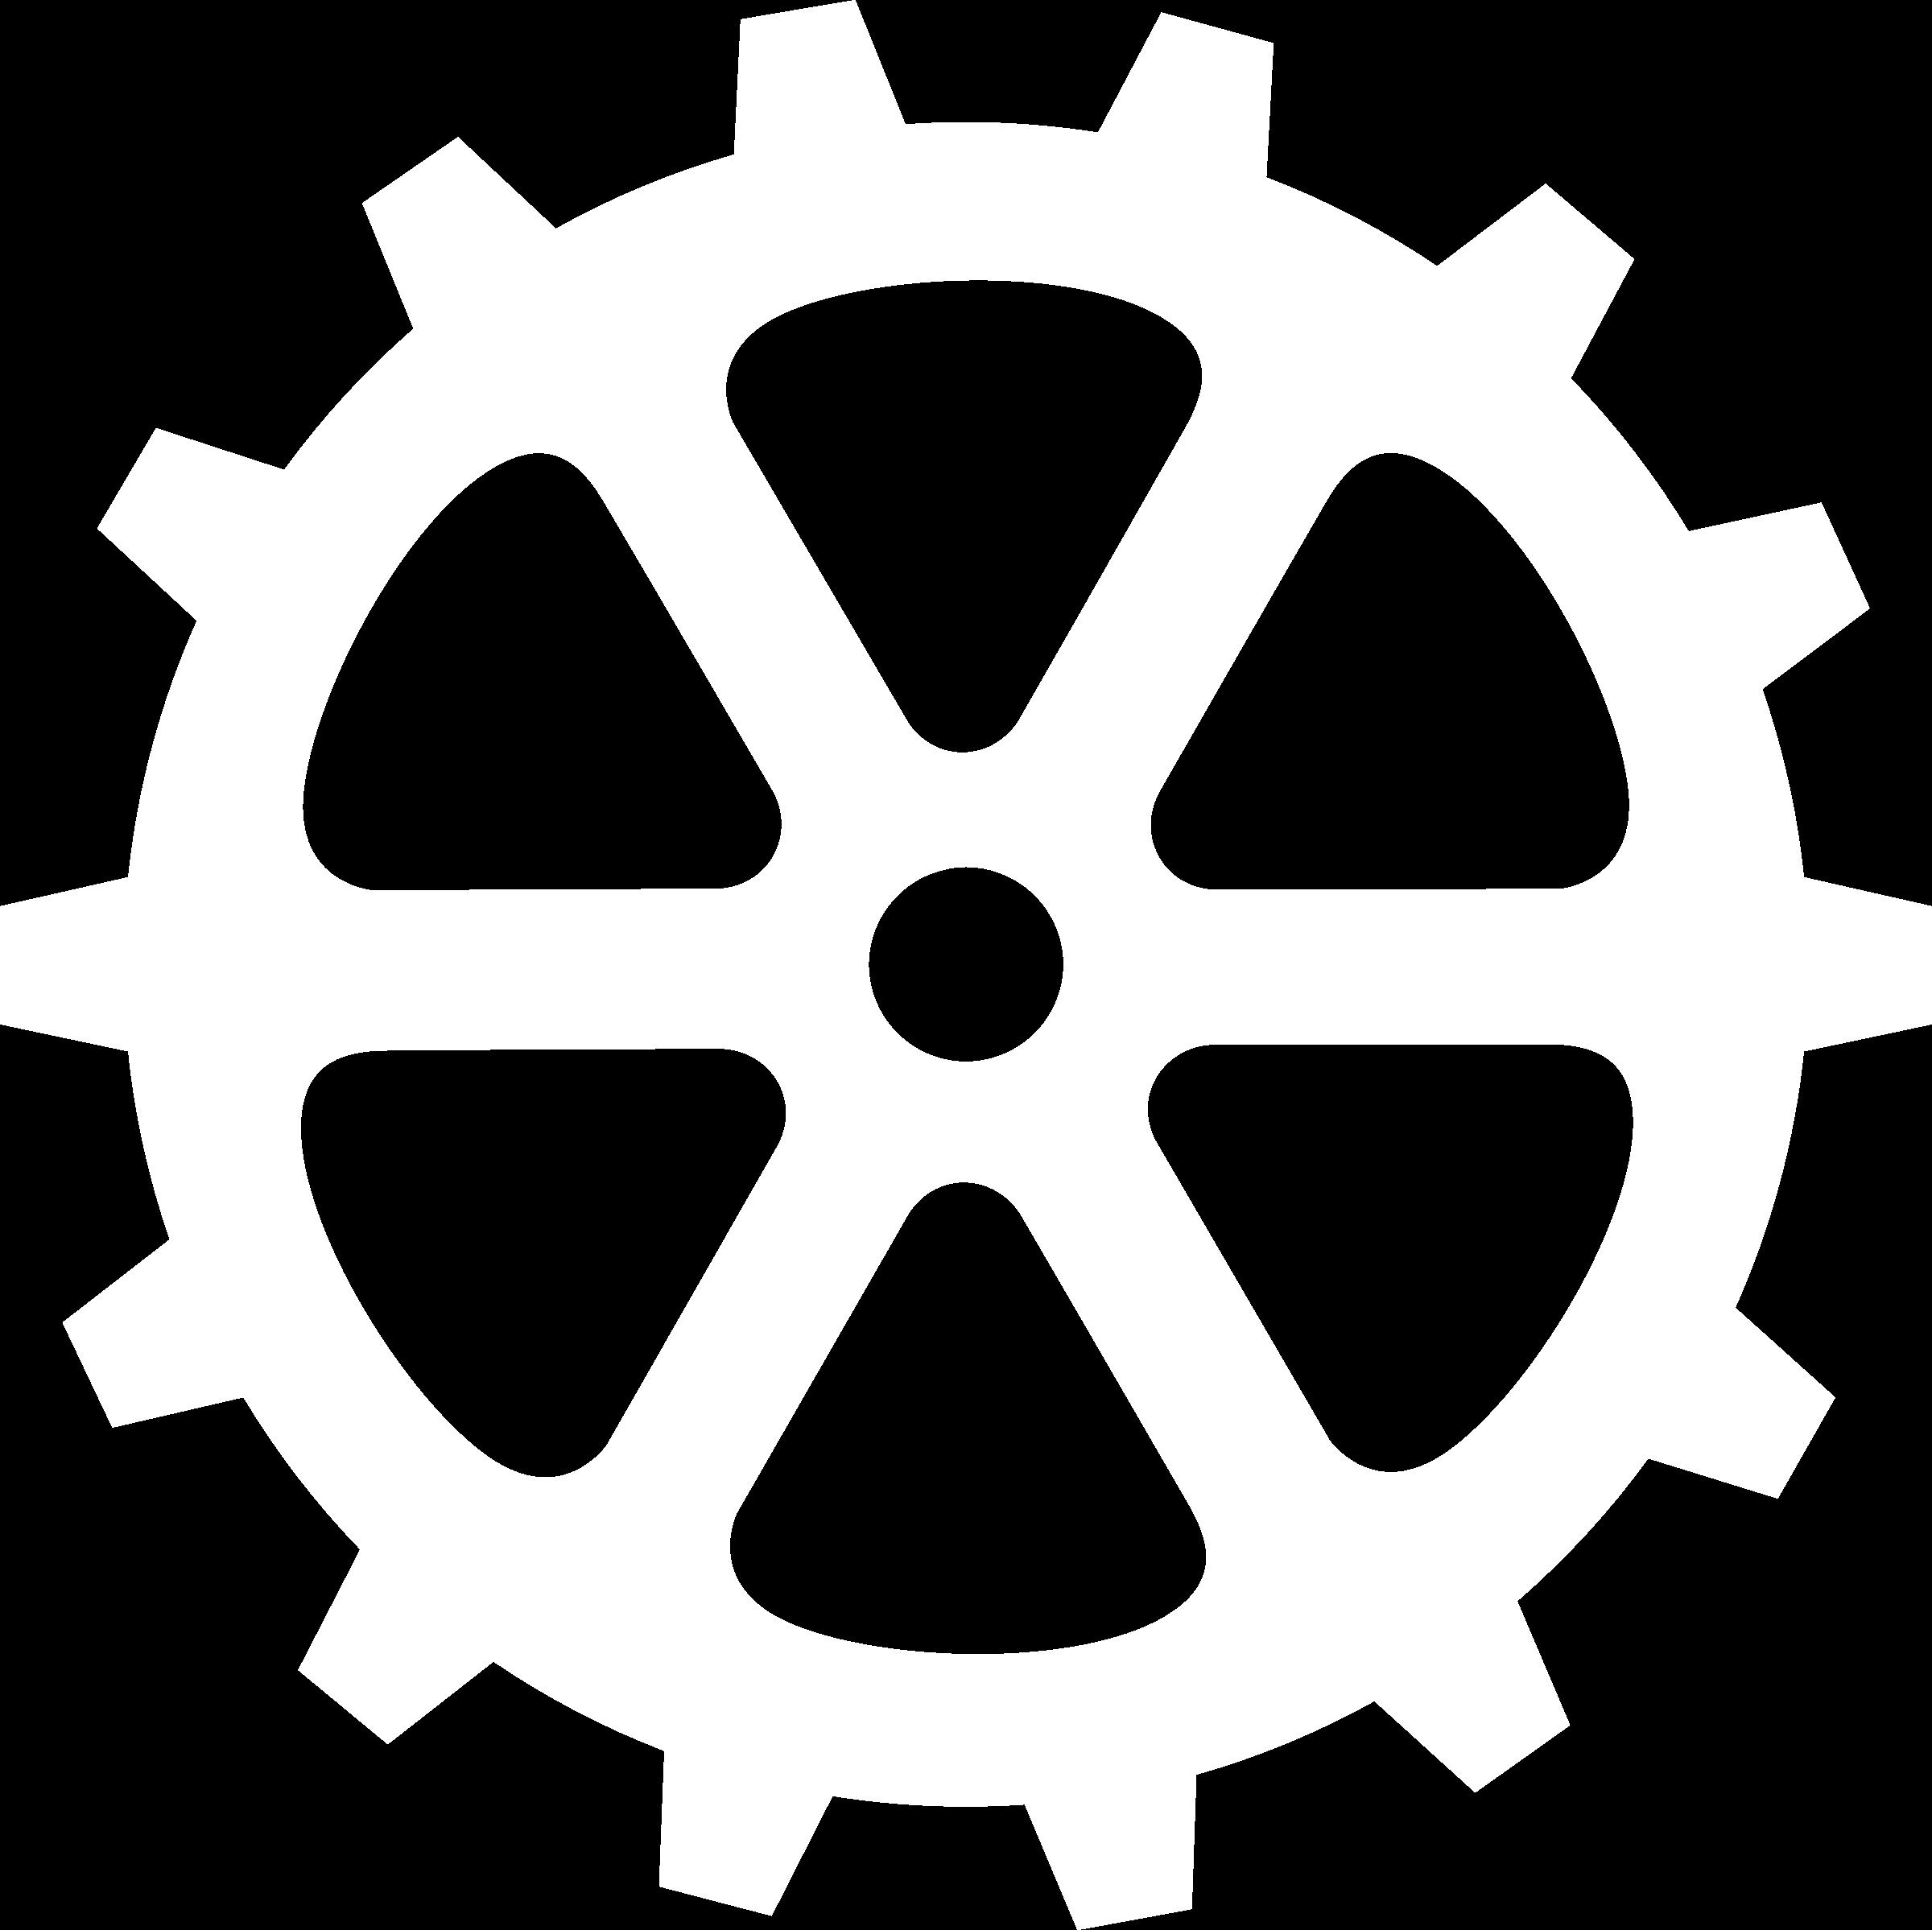 Gears gear outline